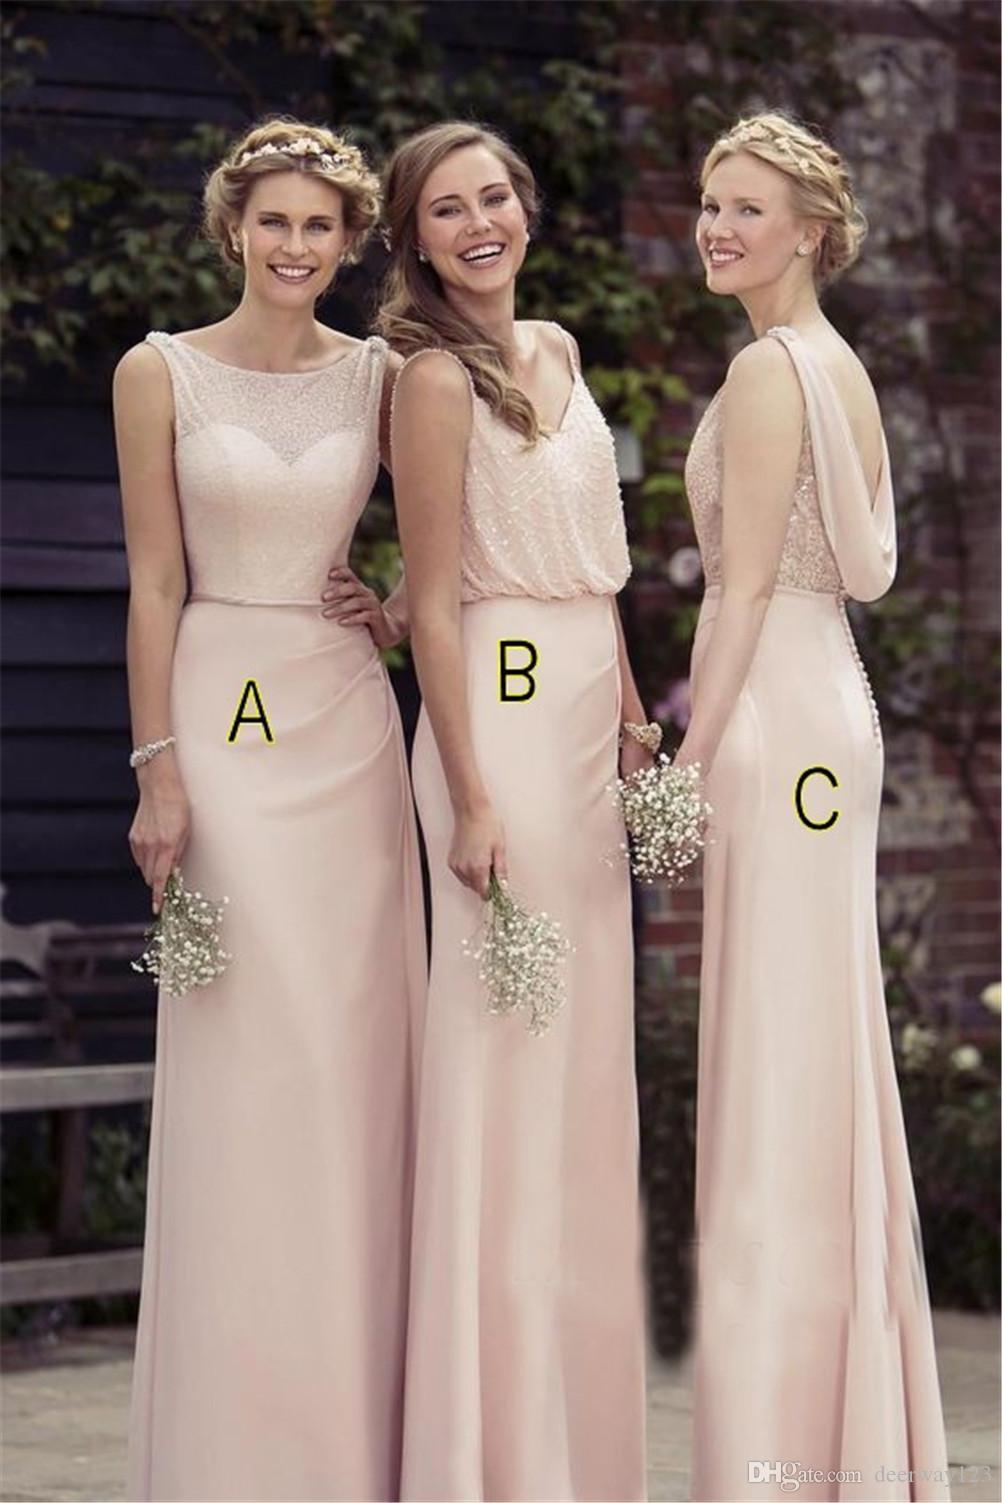 Damasco Longo Chiffon Barato Dama de Honra Vestidos de 3 Estilos de Nudez Longo Partido Vestido Formal vestido de playa blanco